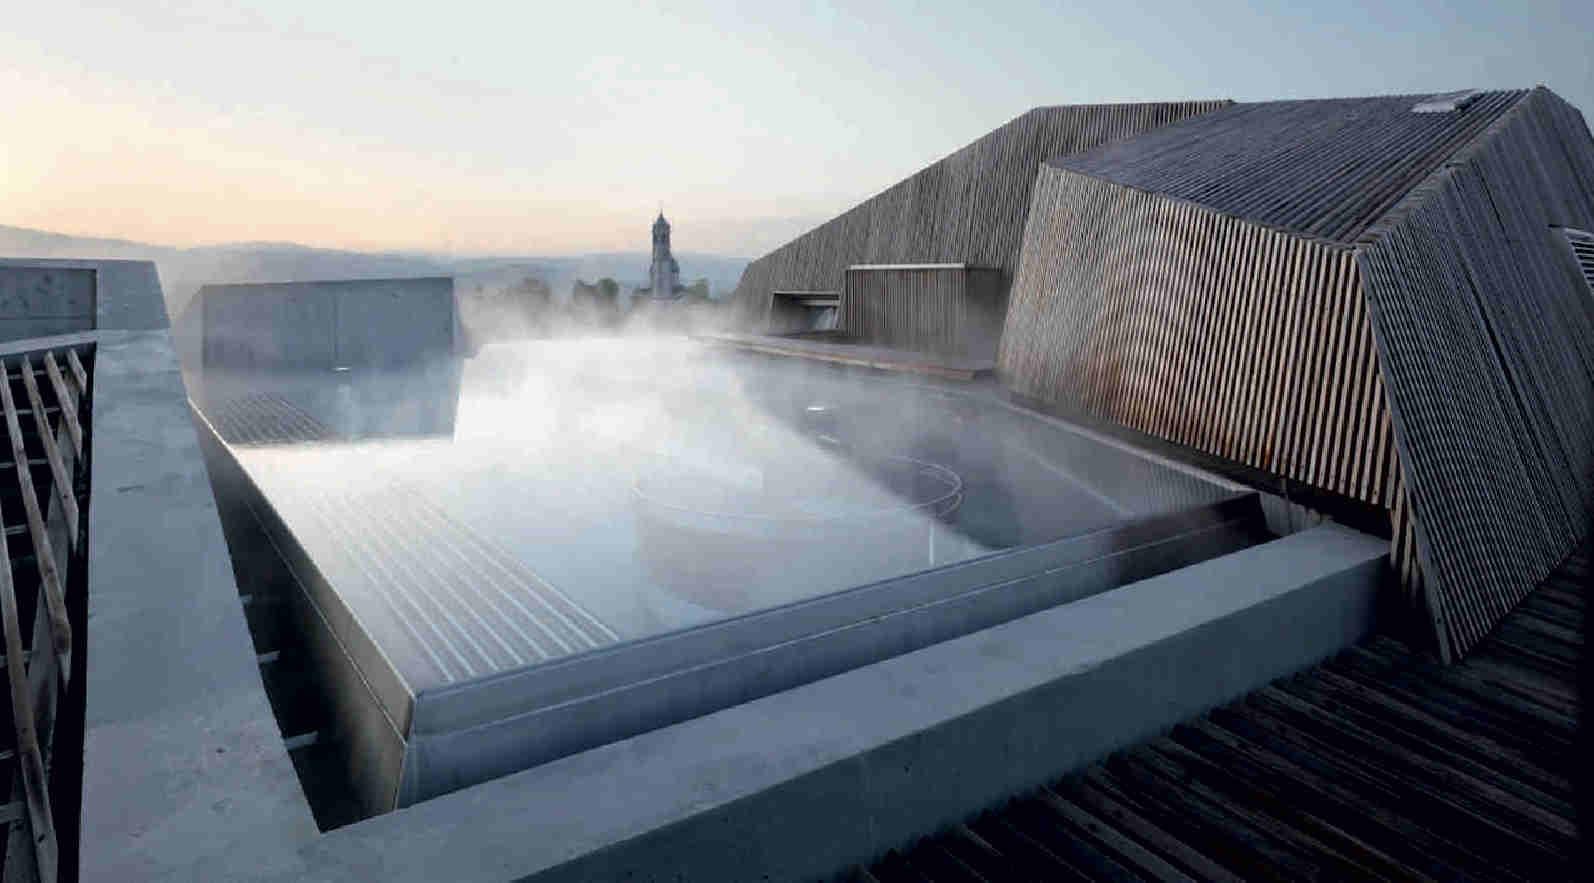 B2 hotel spa zurich cellophaneland for Boutique hotel zurich centre